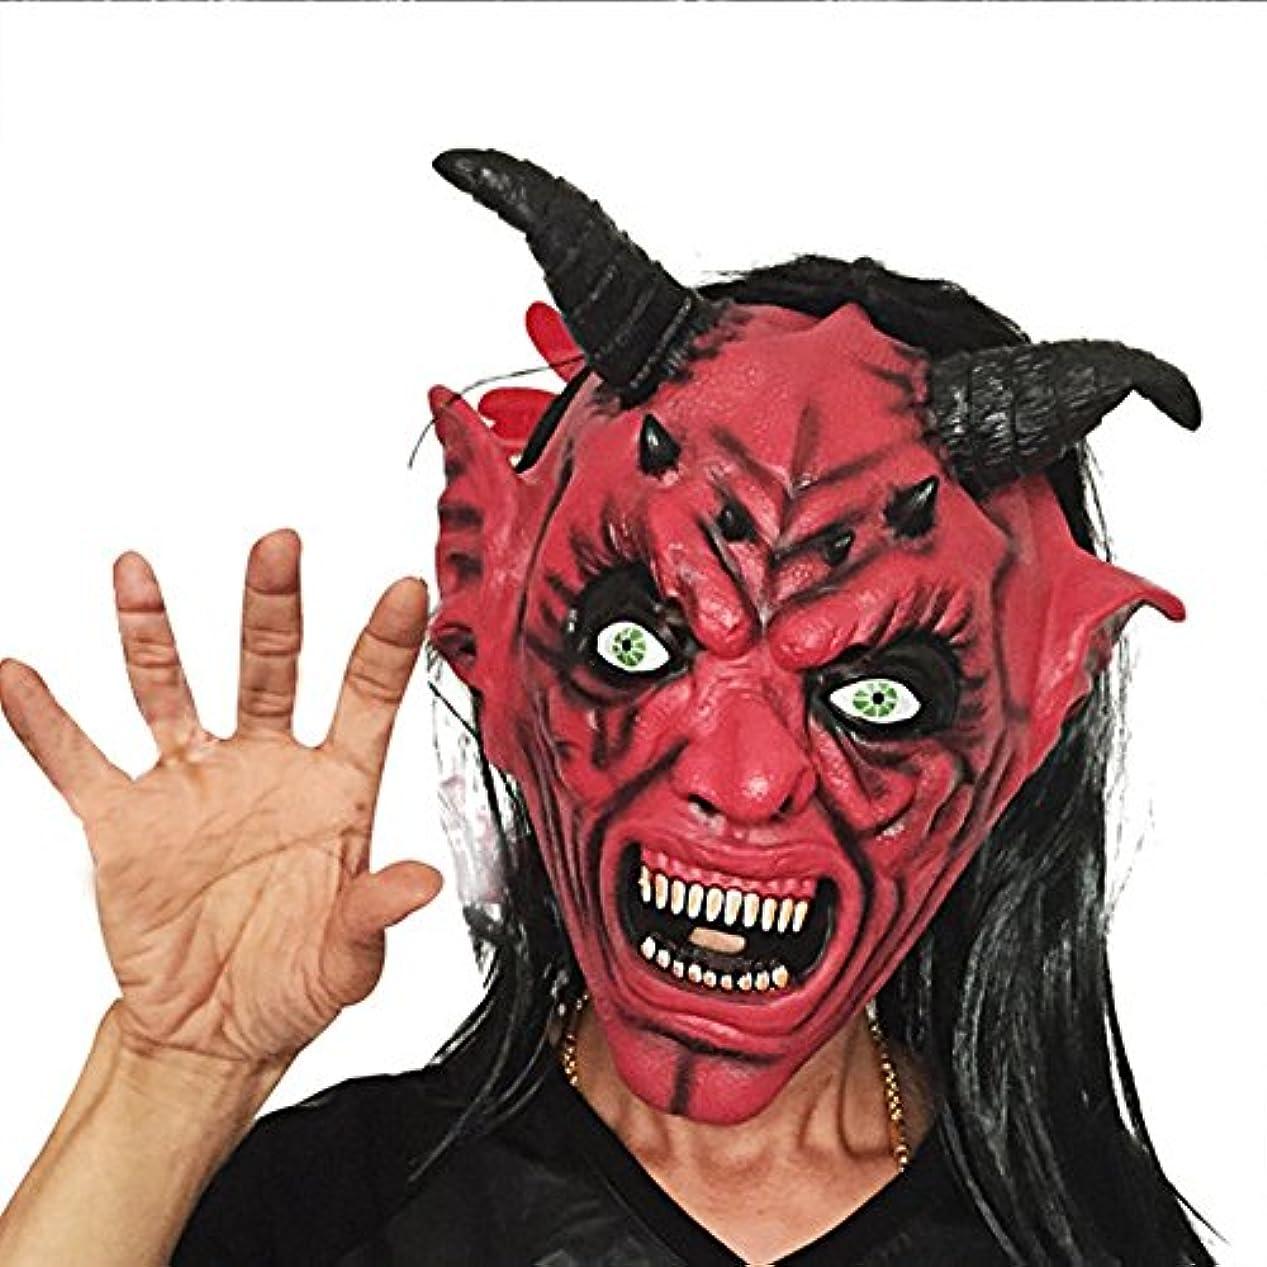 武装解除豊富ブルーベルハロウィンロングヘアレッドフェイスホーンマスクカーニバルバー怖い悪魔怖いセットレッドフェイスブラックマスク